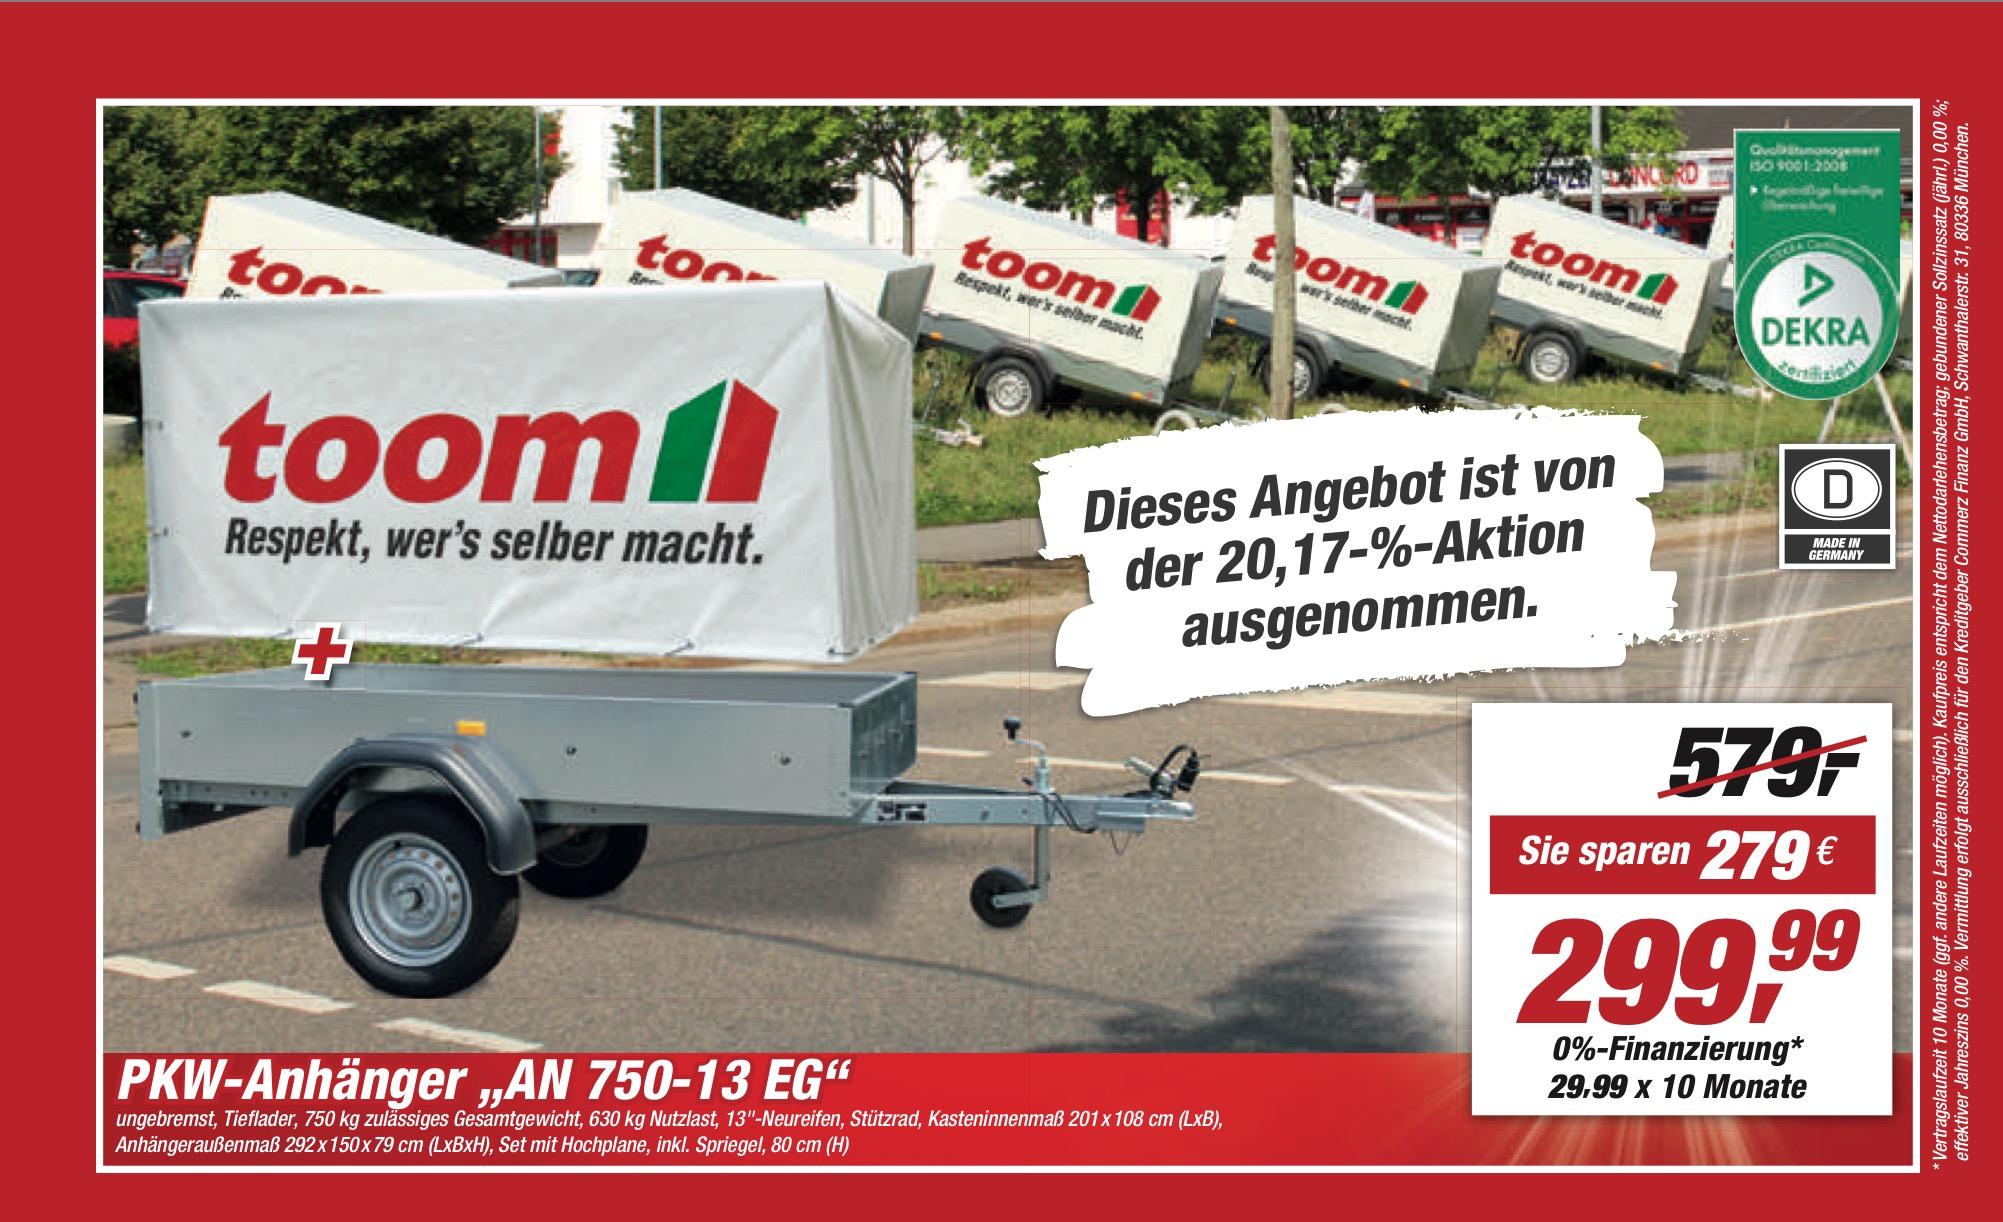 [Lokal Paderborn und Magdeburg] 750kg-Anhänger mit Plane und Spriegel - Der beliebte toom-Anhänger ist wieder da (20.-25.03.2017)